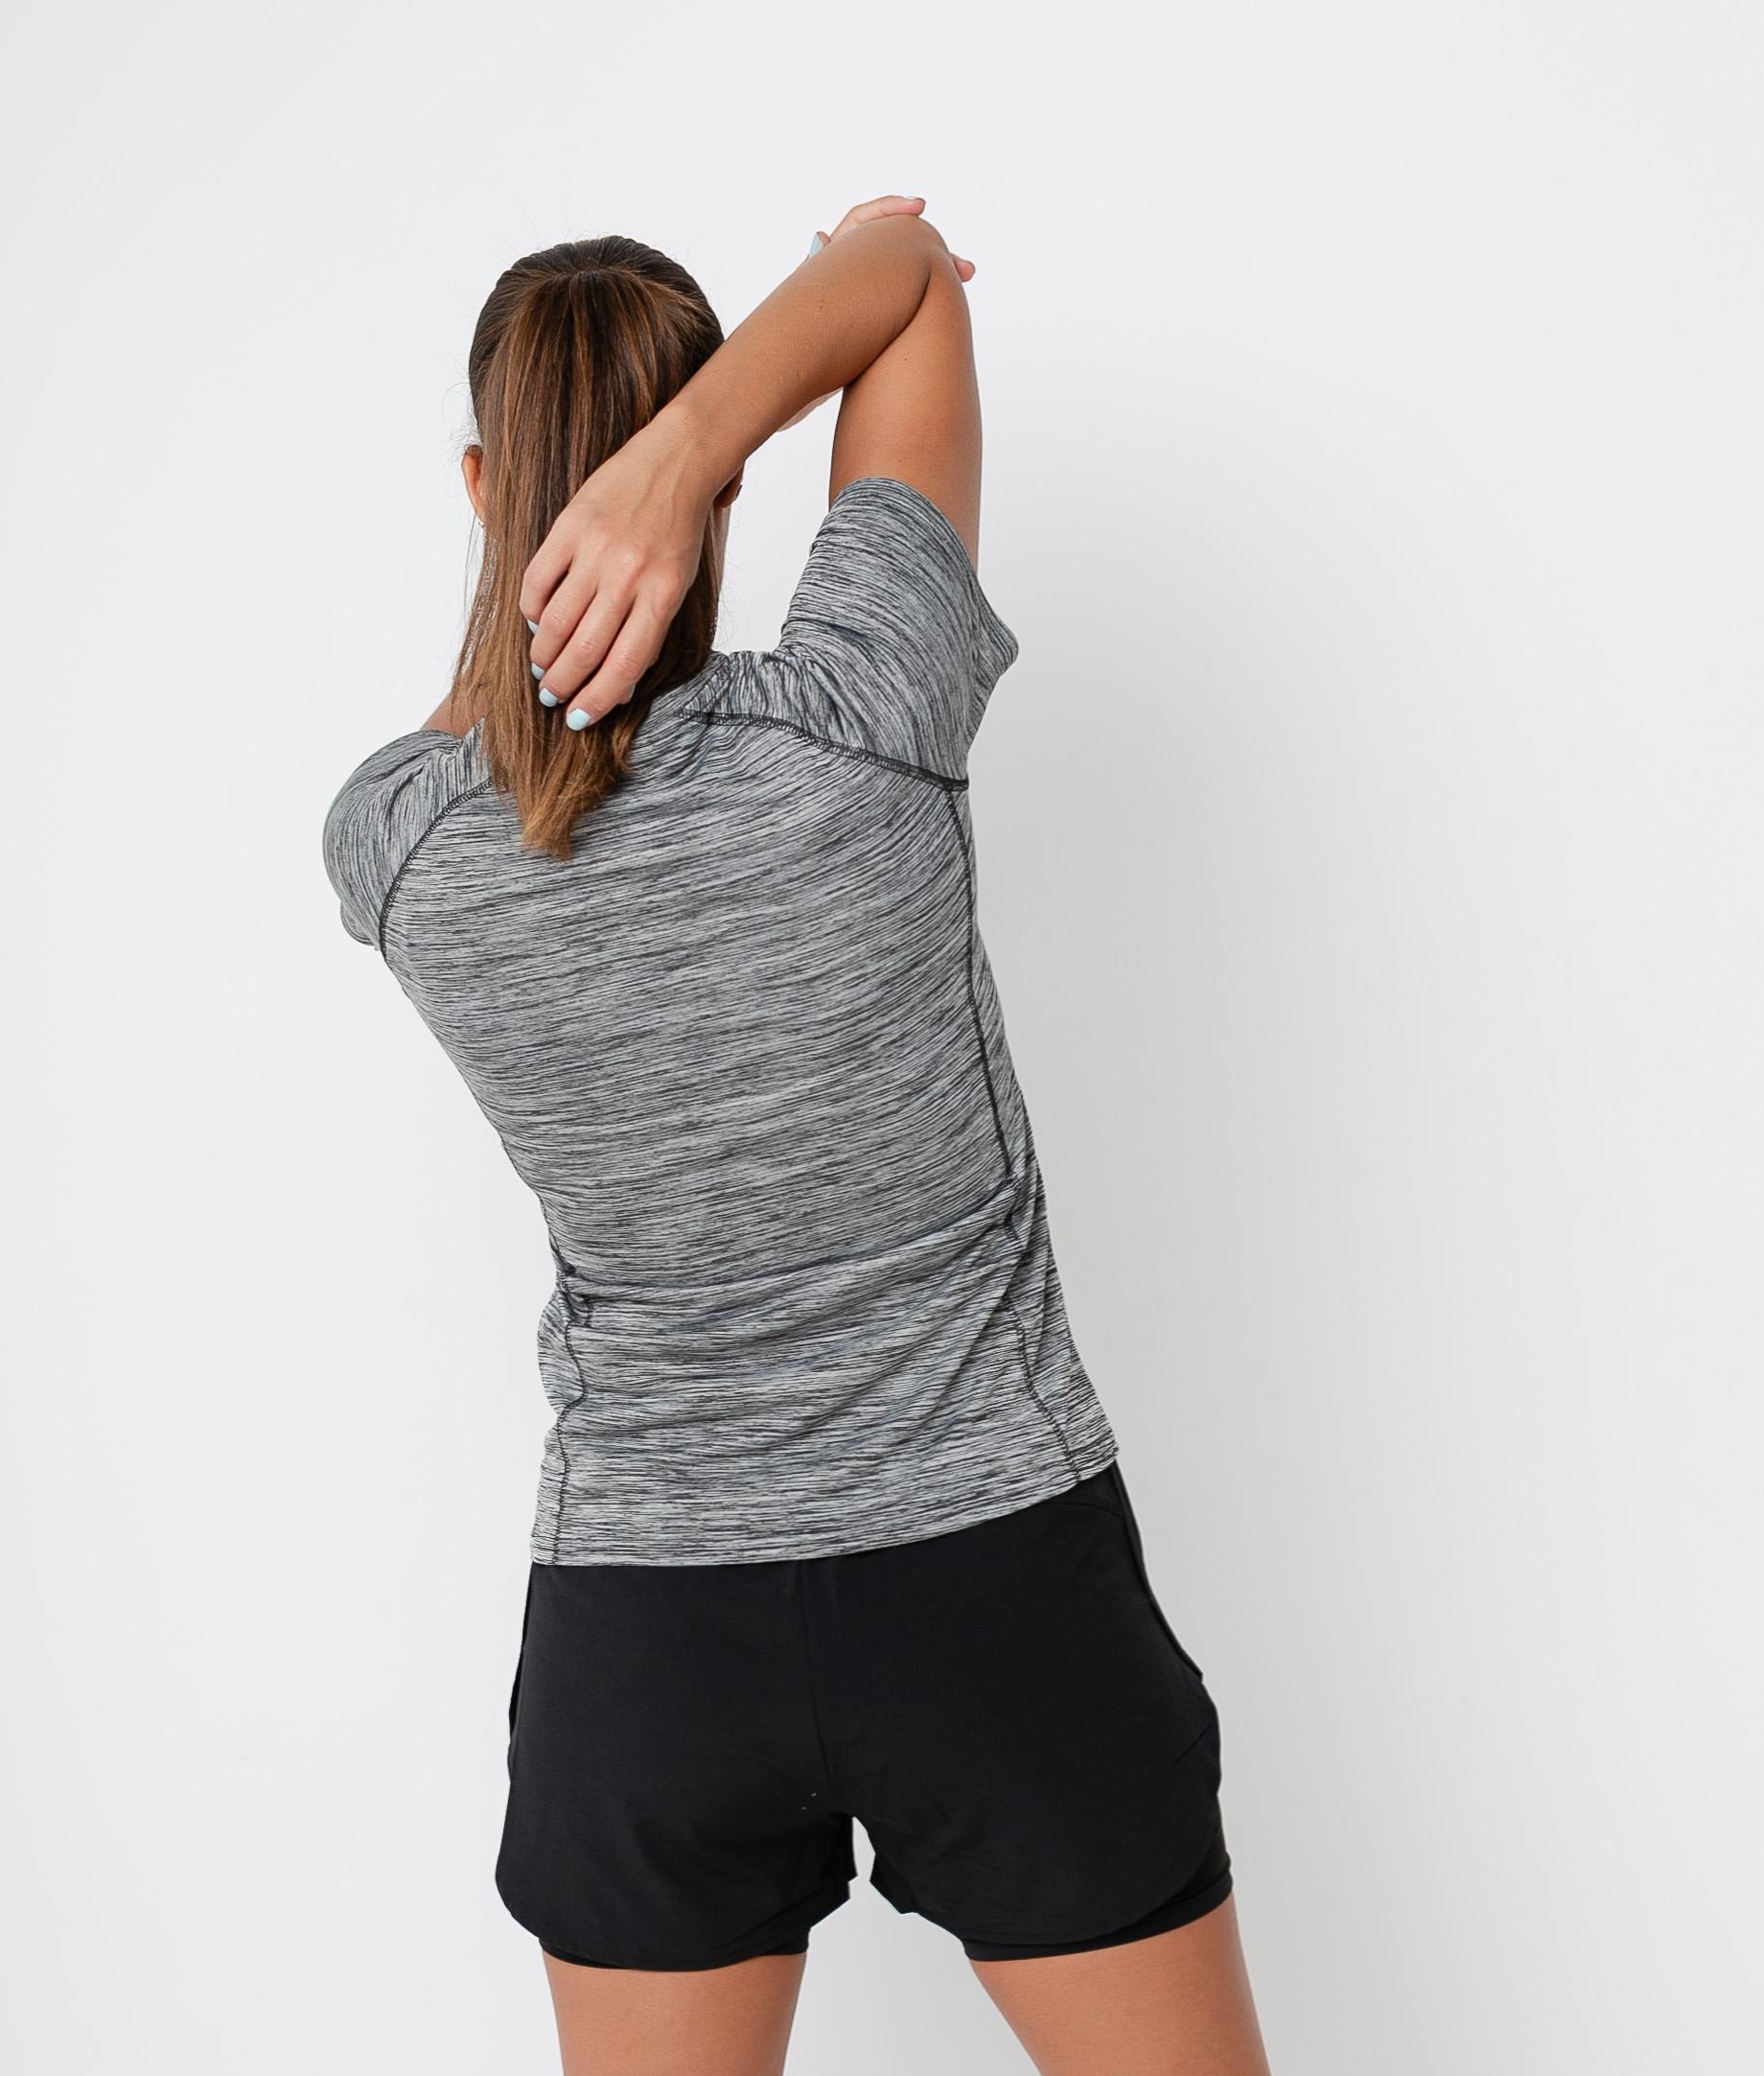 Camiseta Leira - Black